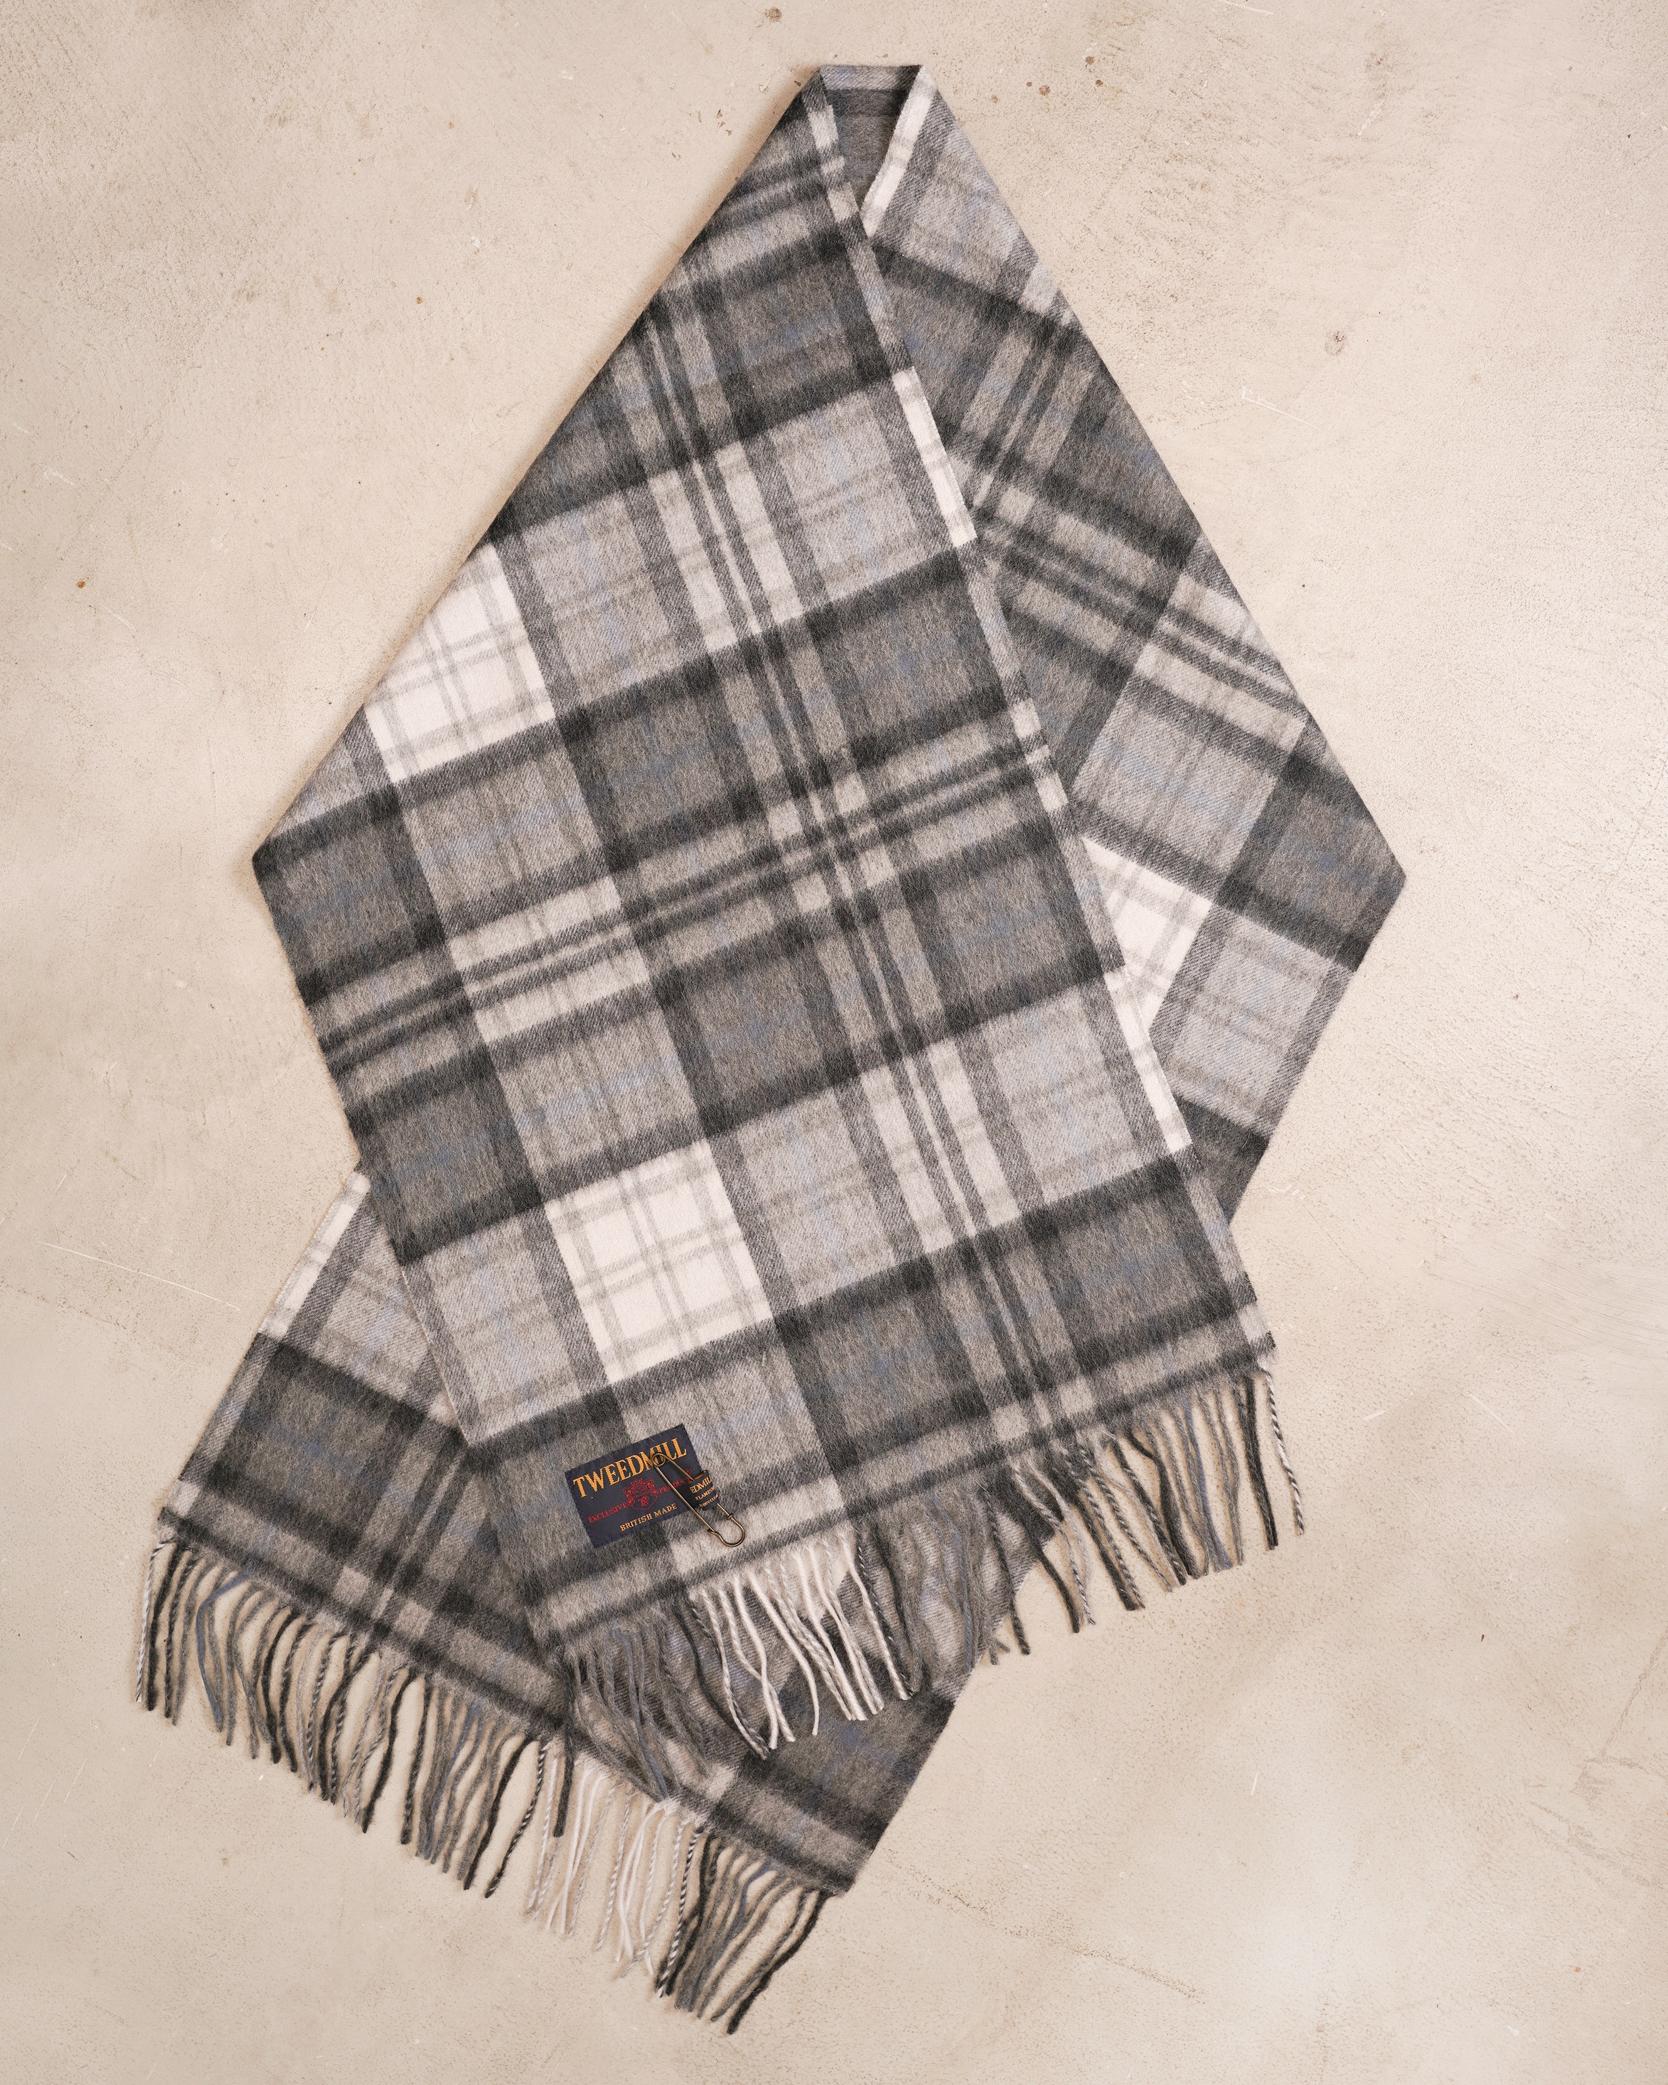 ツイードミルのマフラーは冬の着こなしにおすすめ